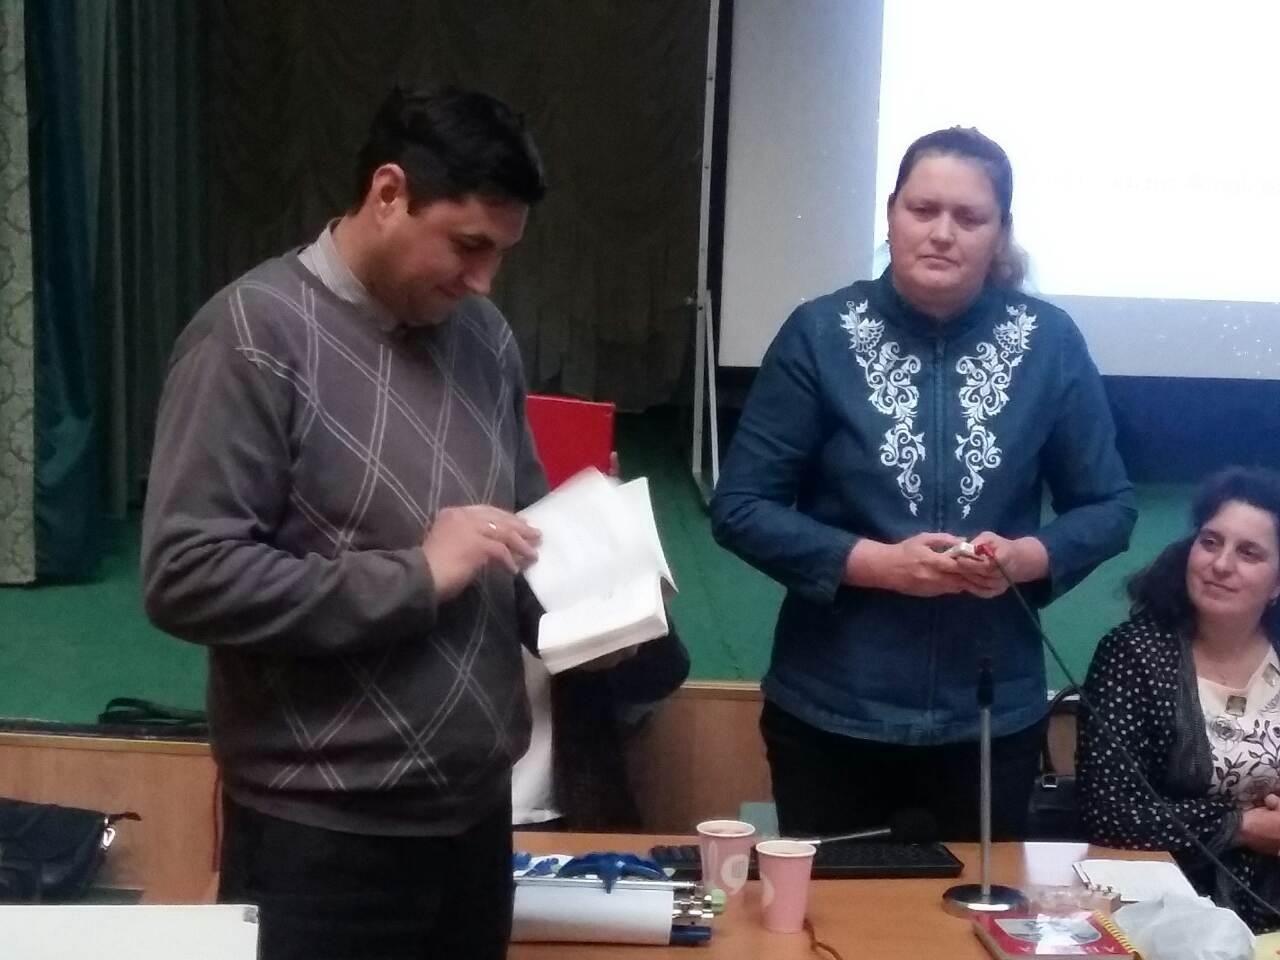 Будинок учителя. Тренінг з дейзі книгою. Київ, 15.02.2017 р